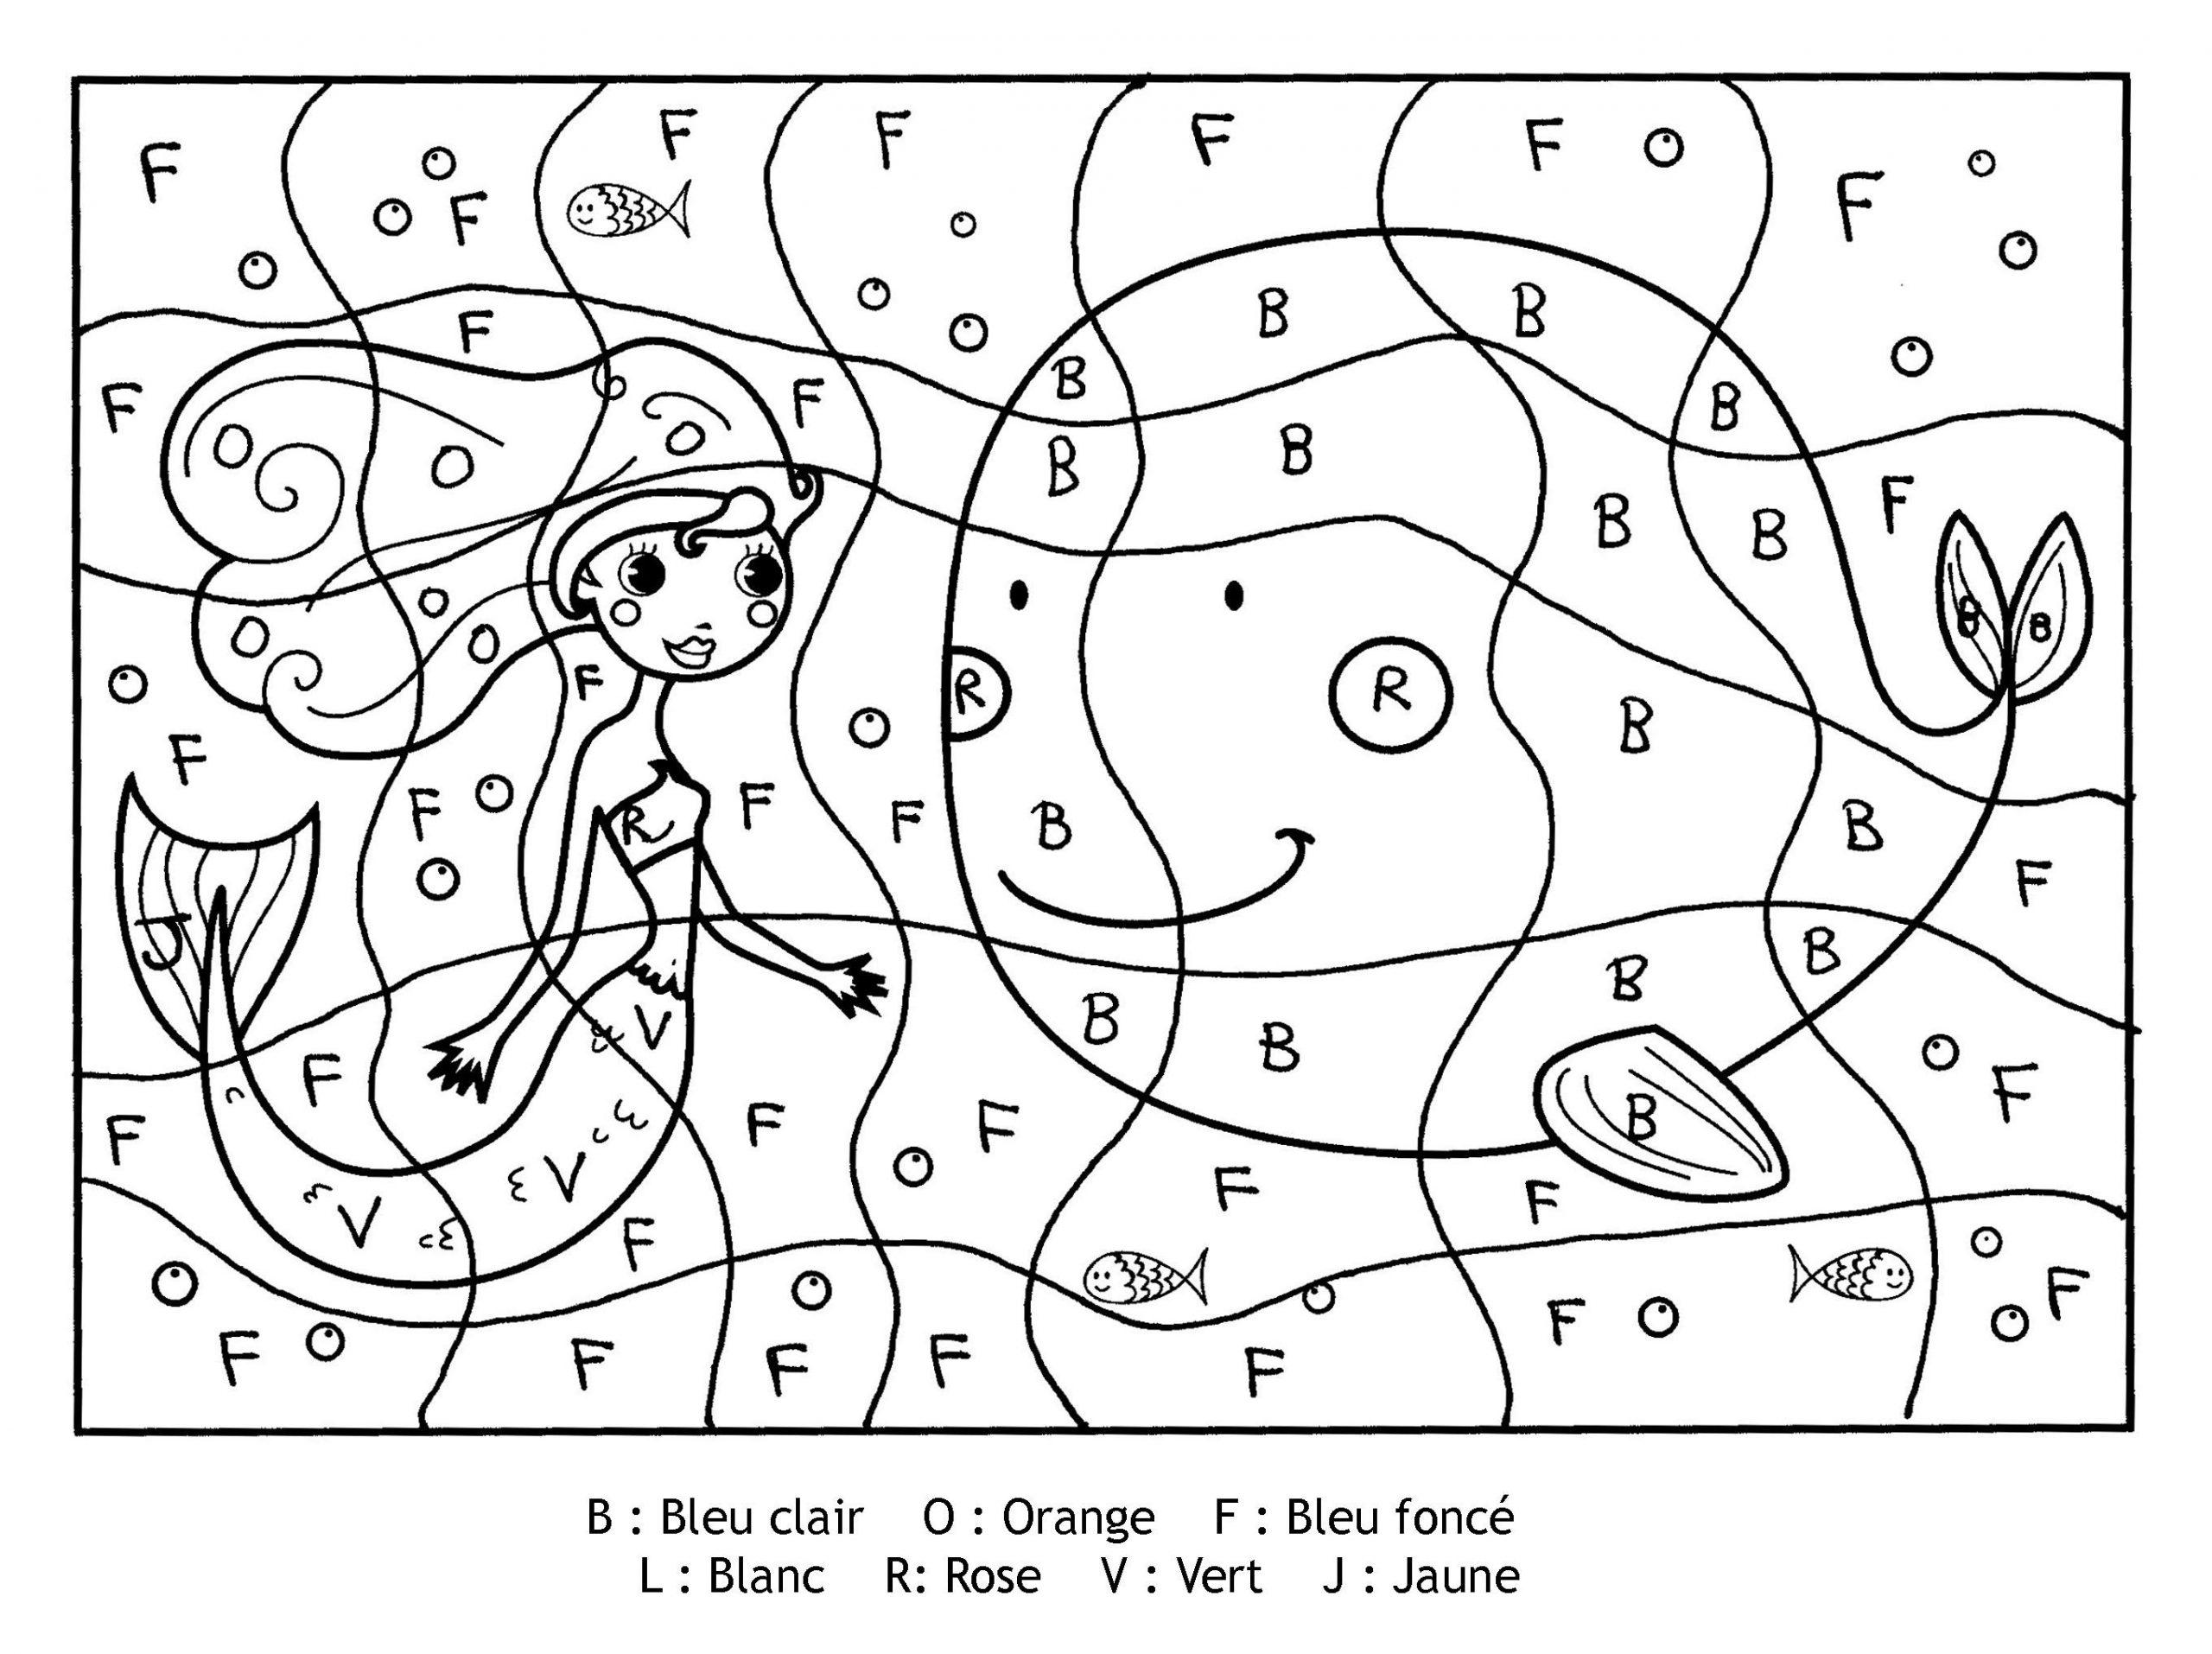 Pour Imprimer Ce Coloriage Gratuit «Coloriage-Magique à Coloriage Codé Maternelle